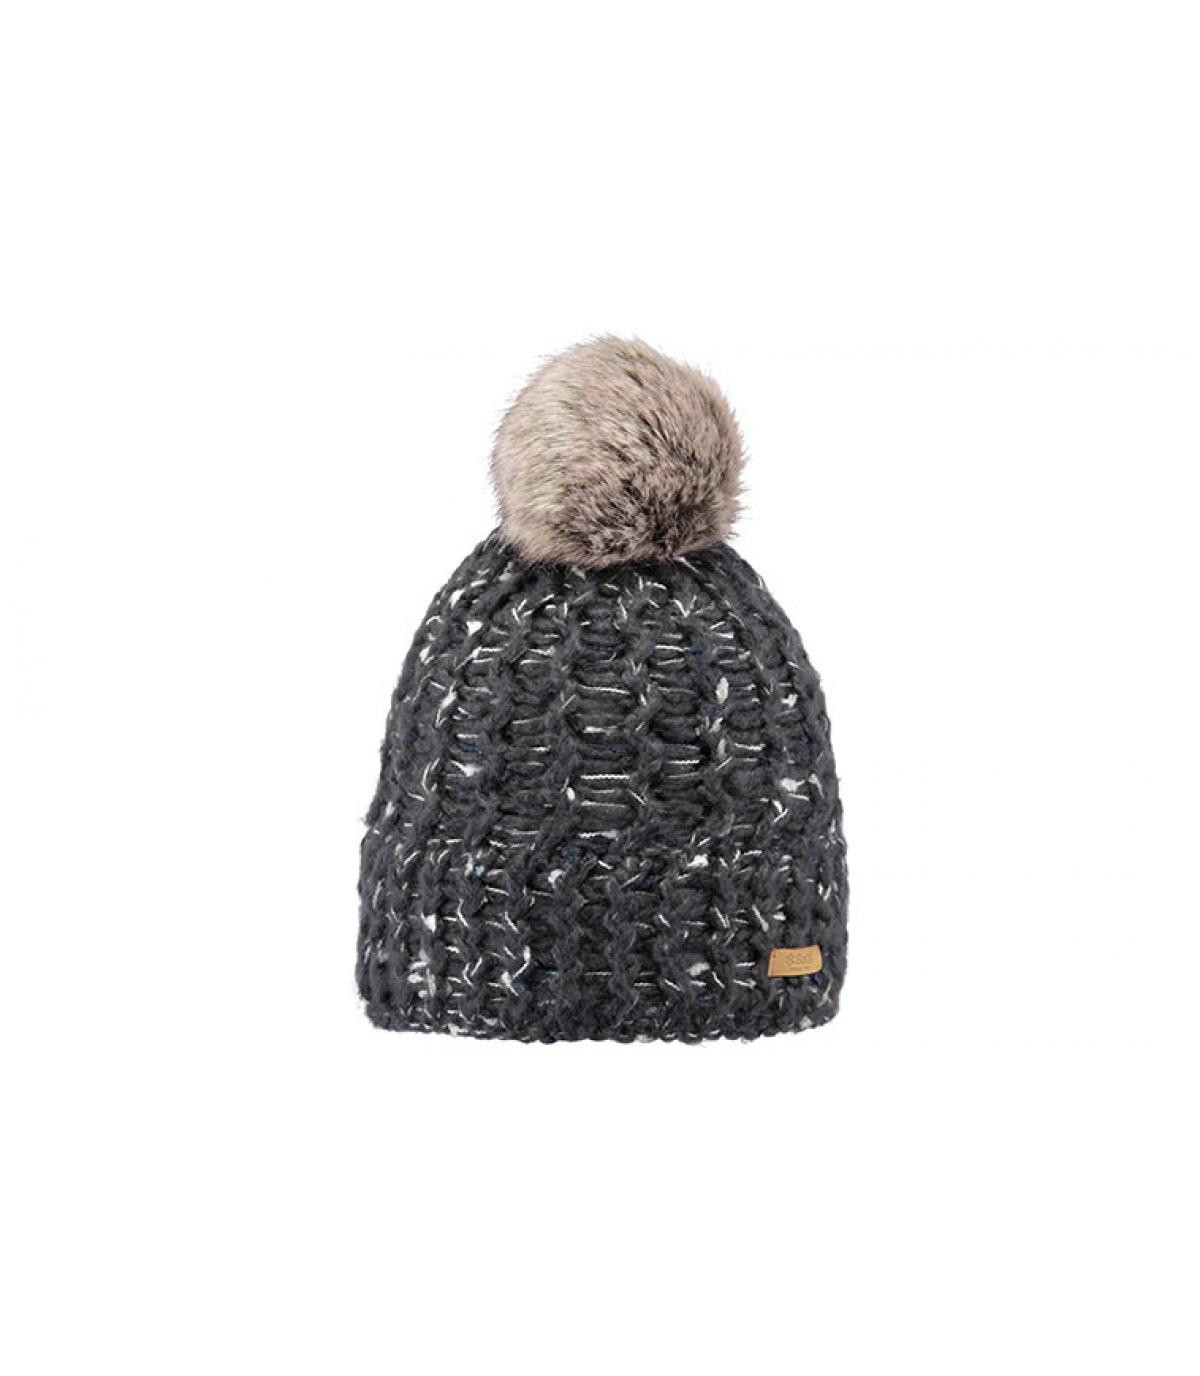 Mütze grau meliert Fellbommel